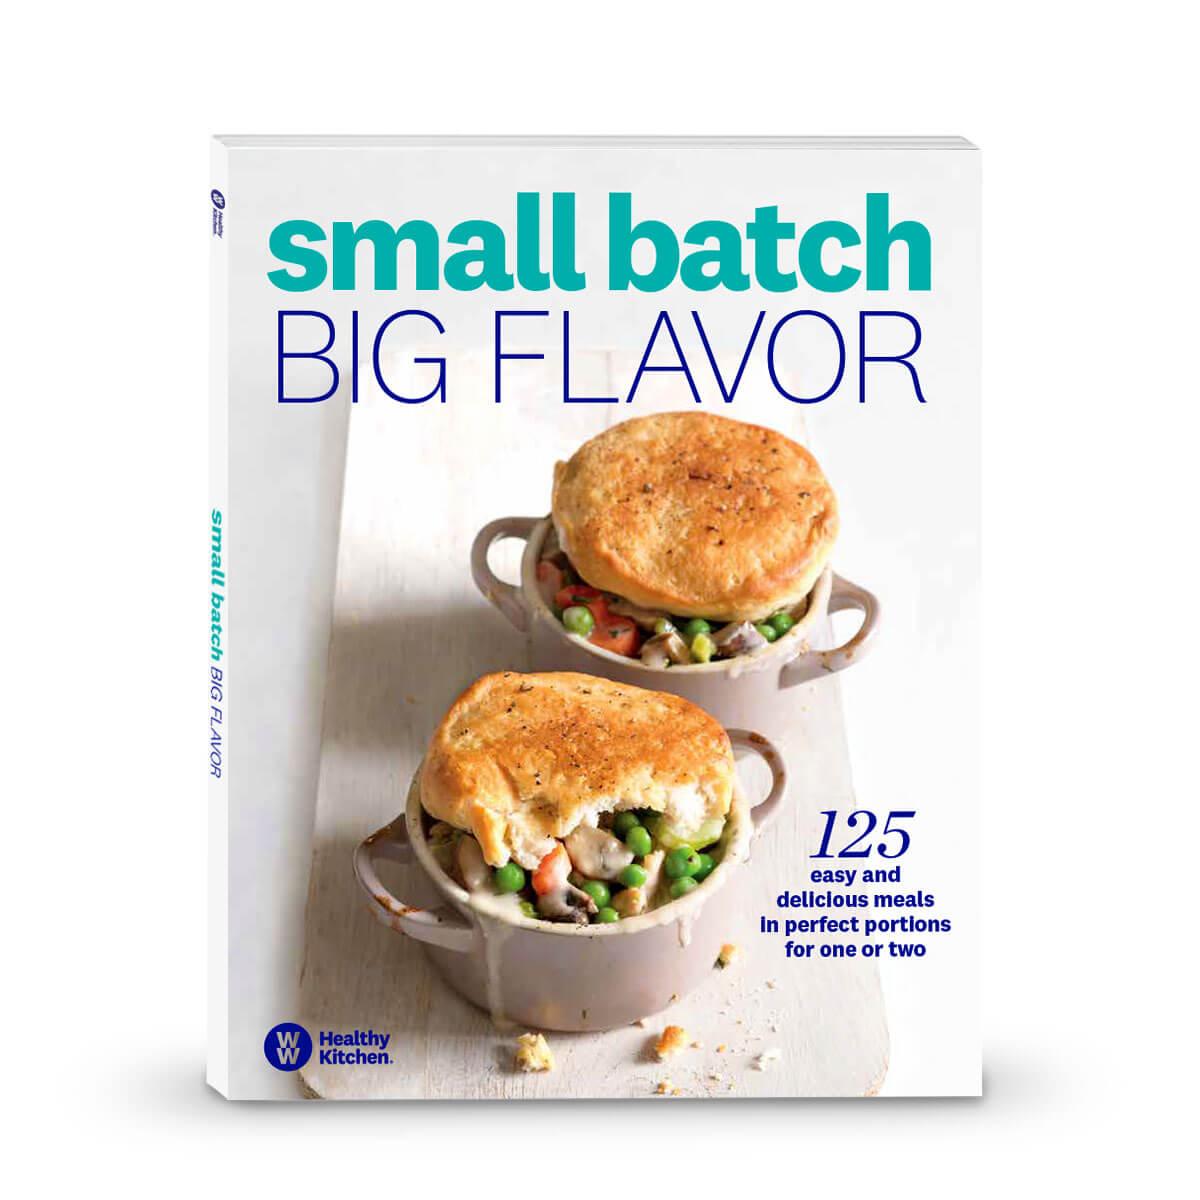 Small Batch, Big Flavor